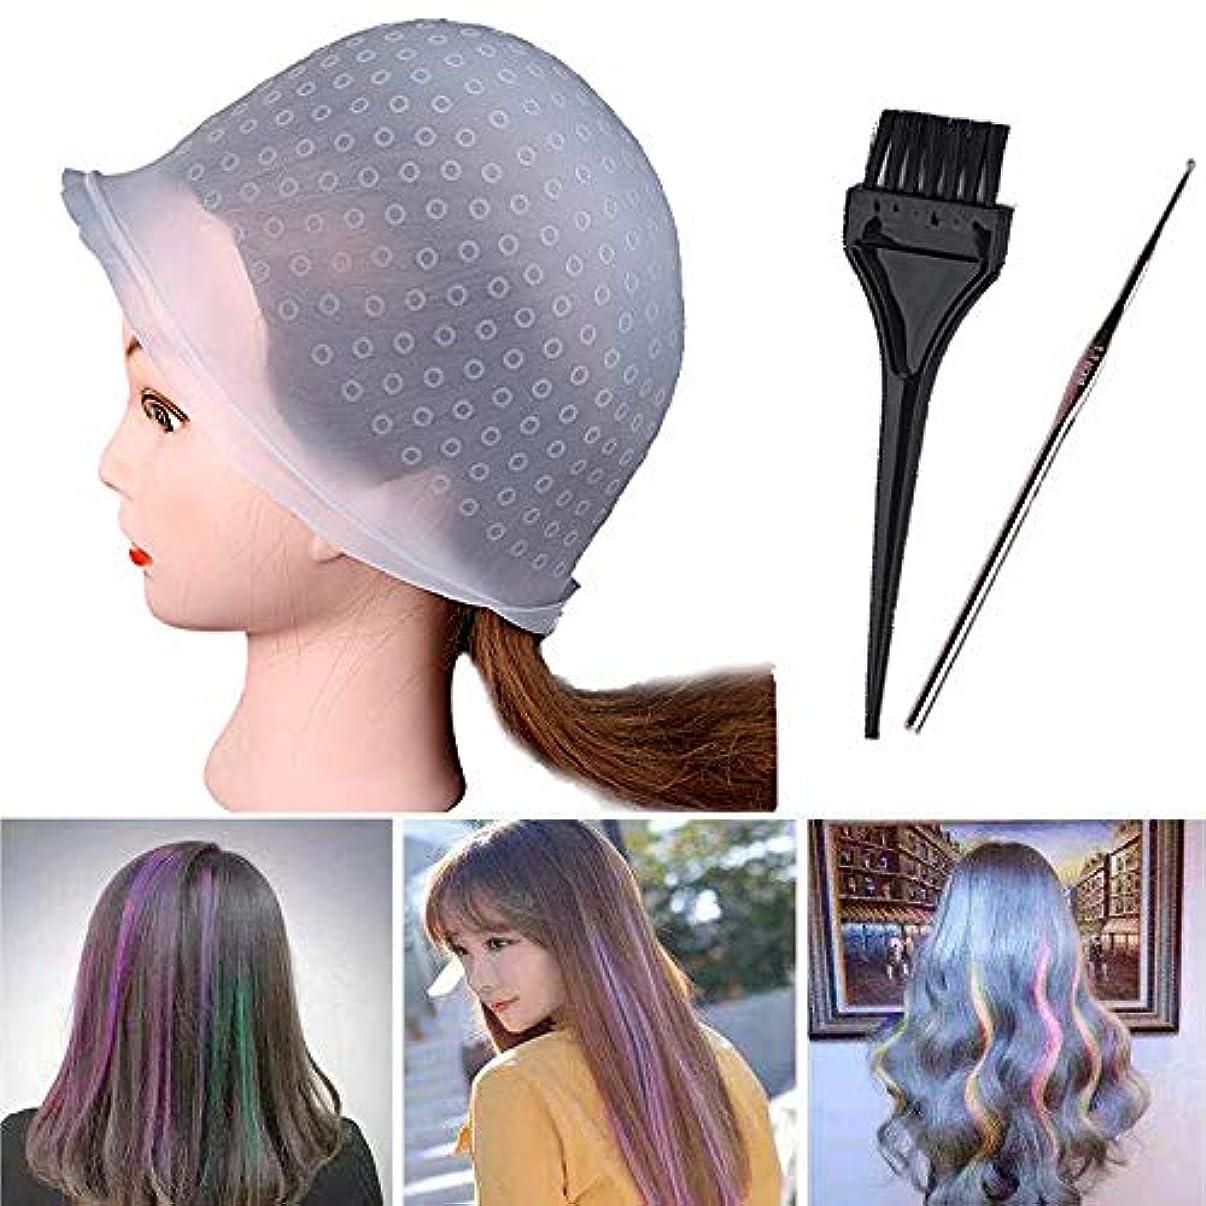 捧げる誕生スリラーSHKI 毛染めキャップ 髪染め用ヘアキャップ シリコン製 ヘアカラーヘアキャップ 自宅でヘアカラーを楽しんで美容サロン仕様 棒とブラシ付き